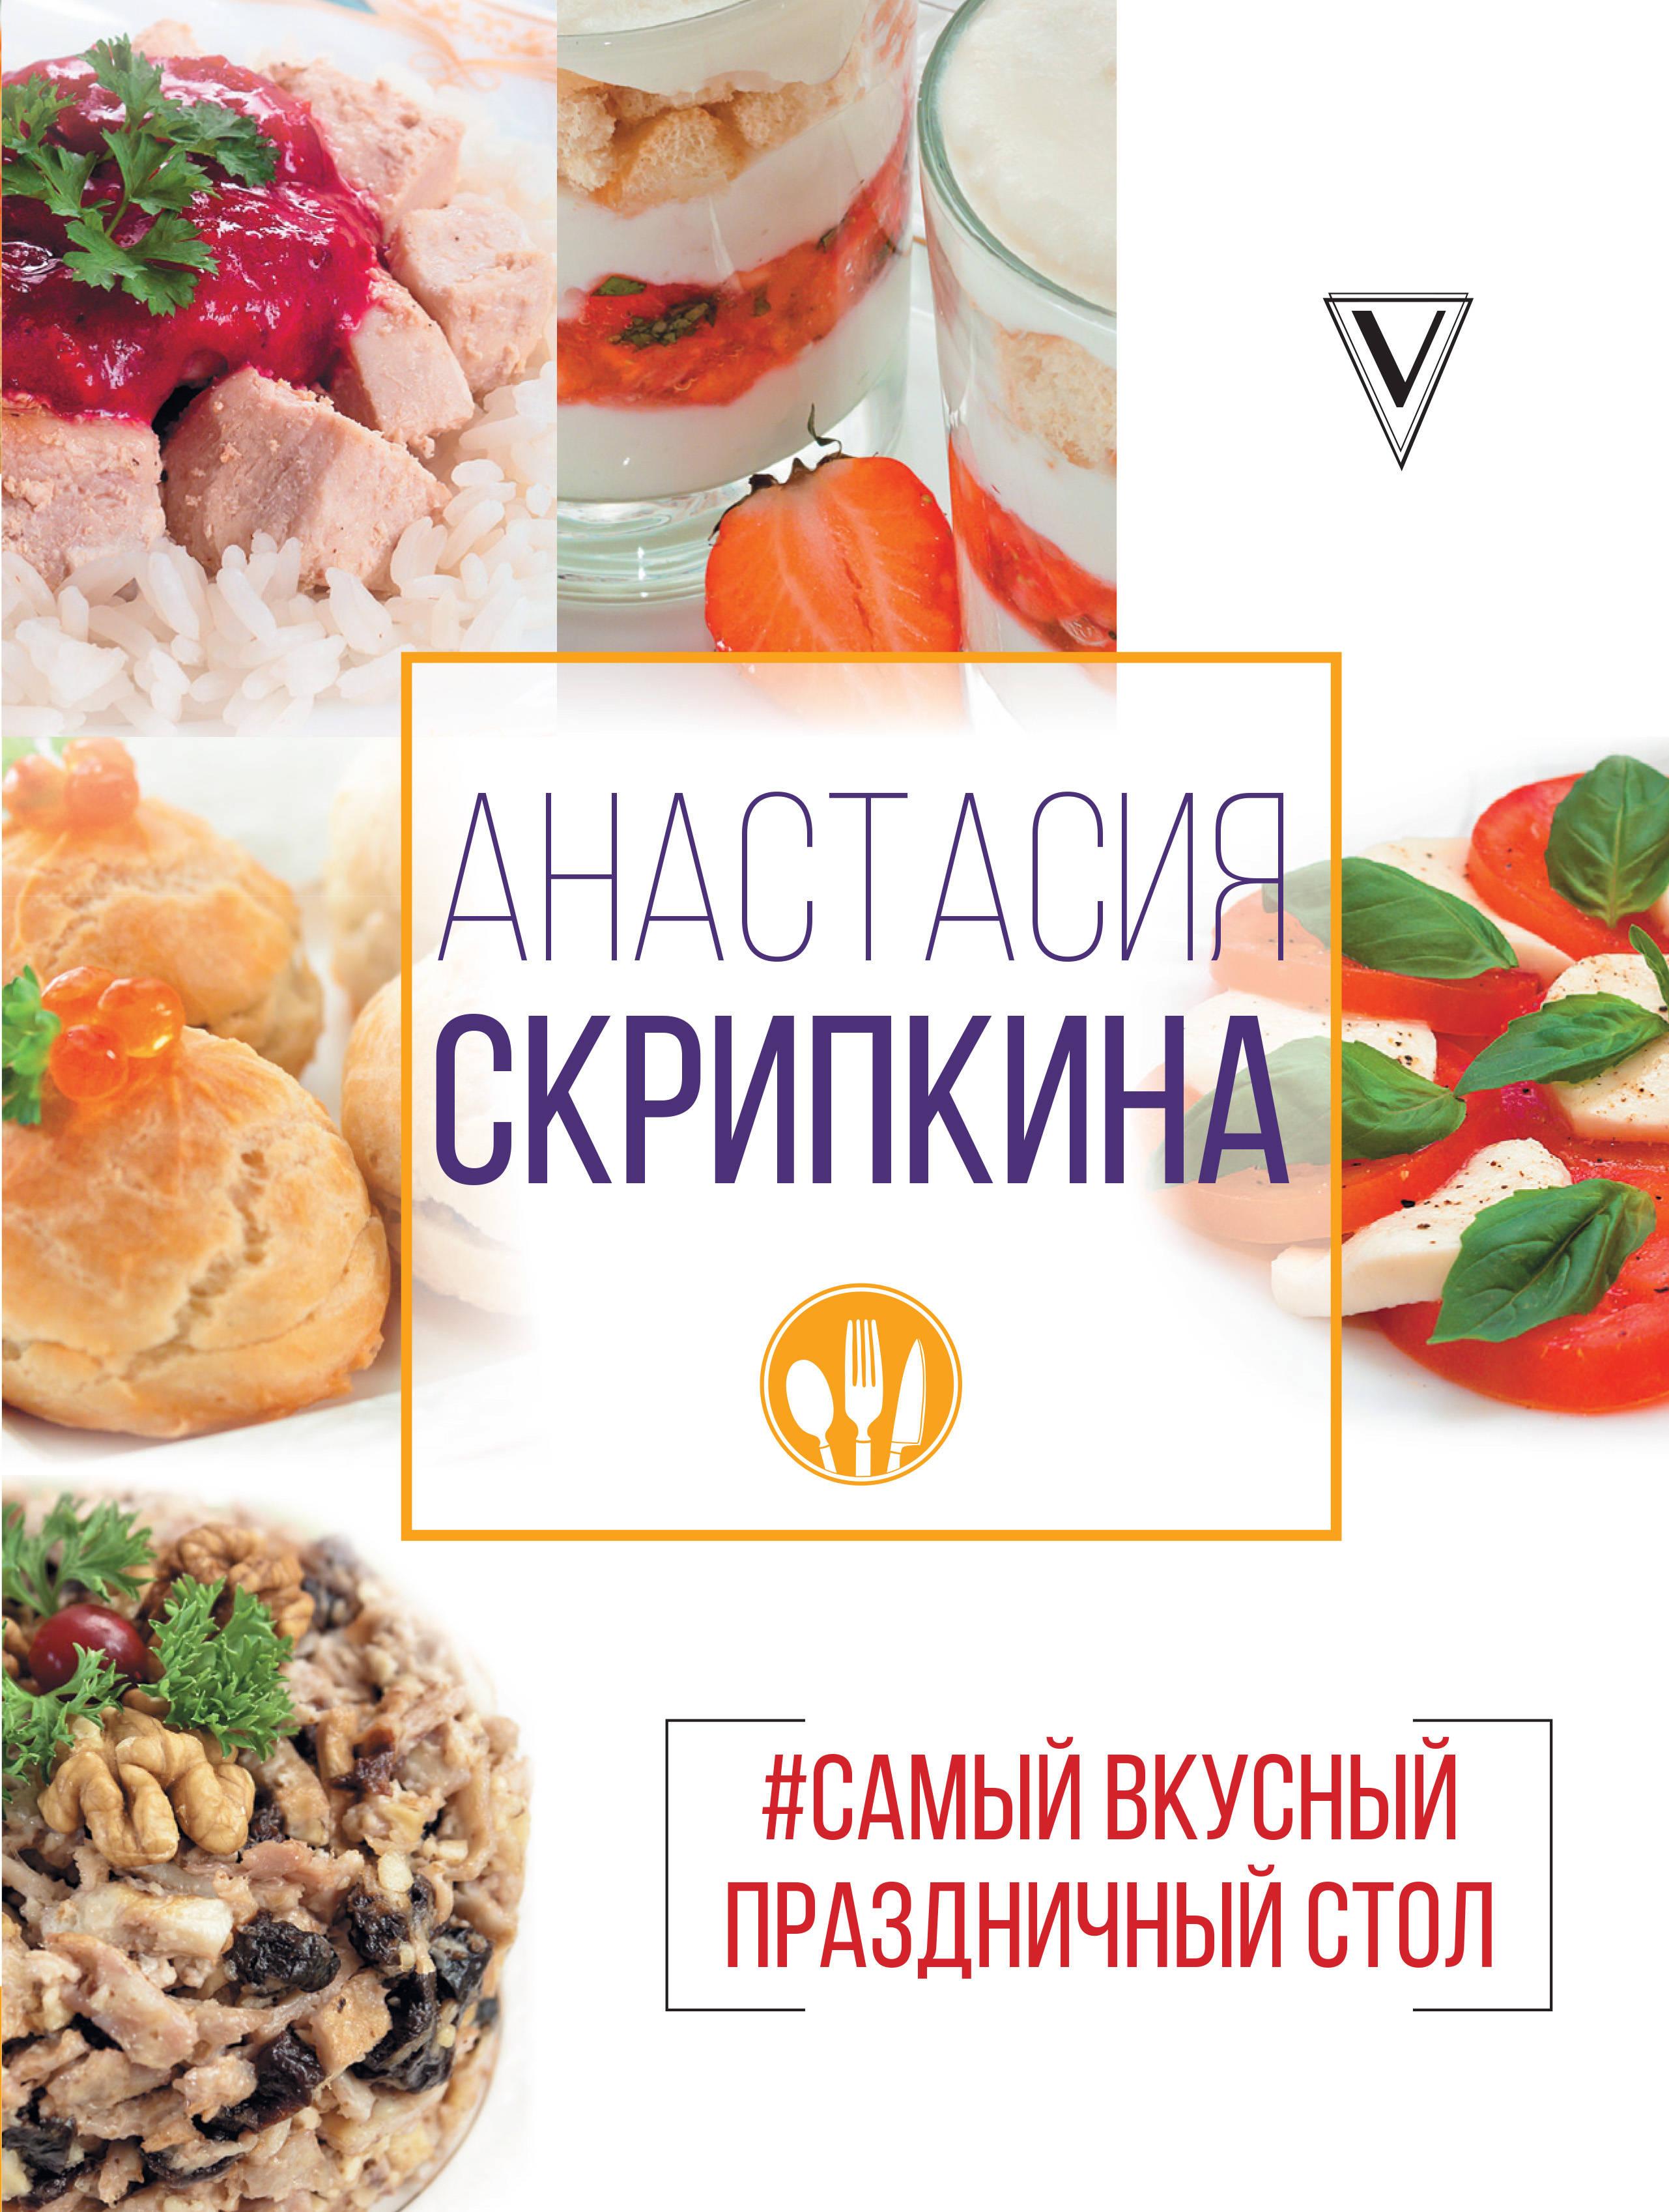 Книга #Самый вкусный праздничный стол. Анастасия Скрипкина